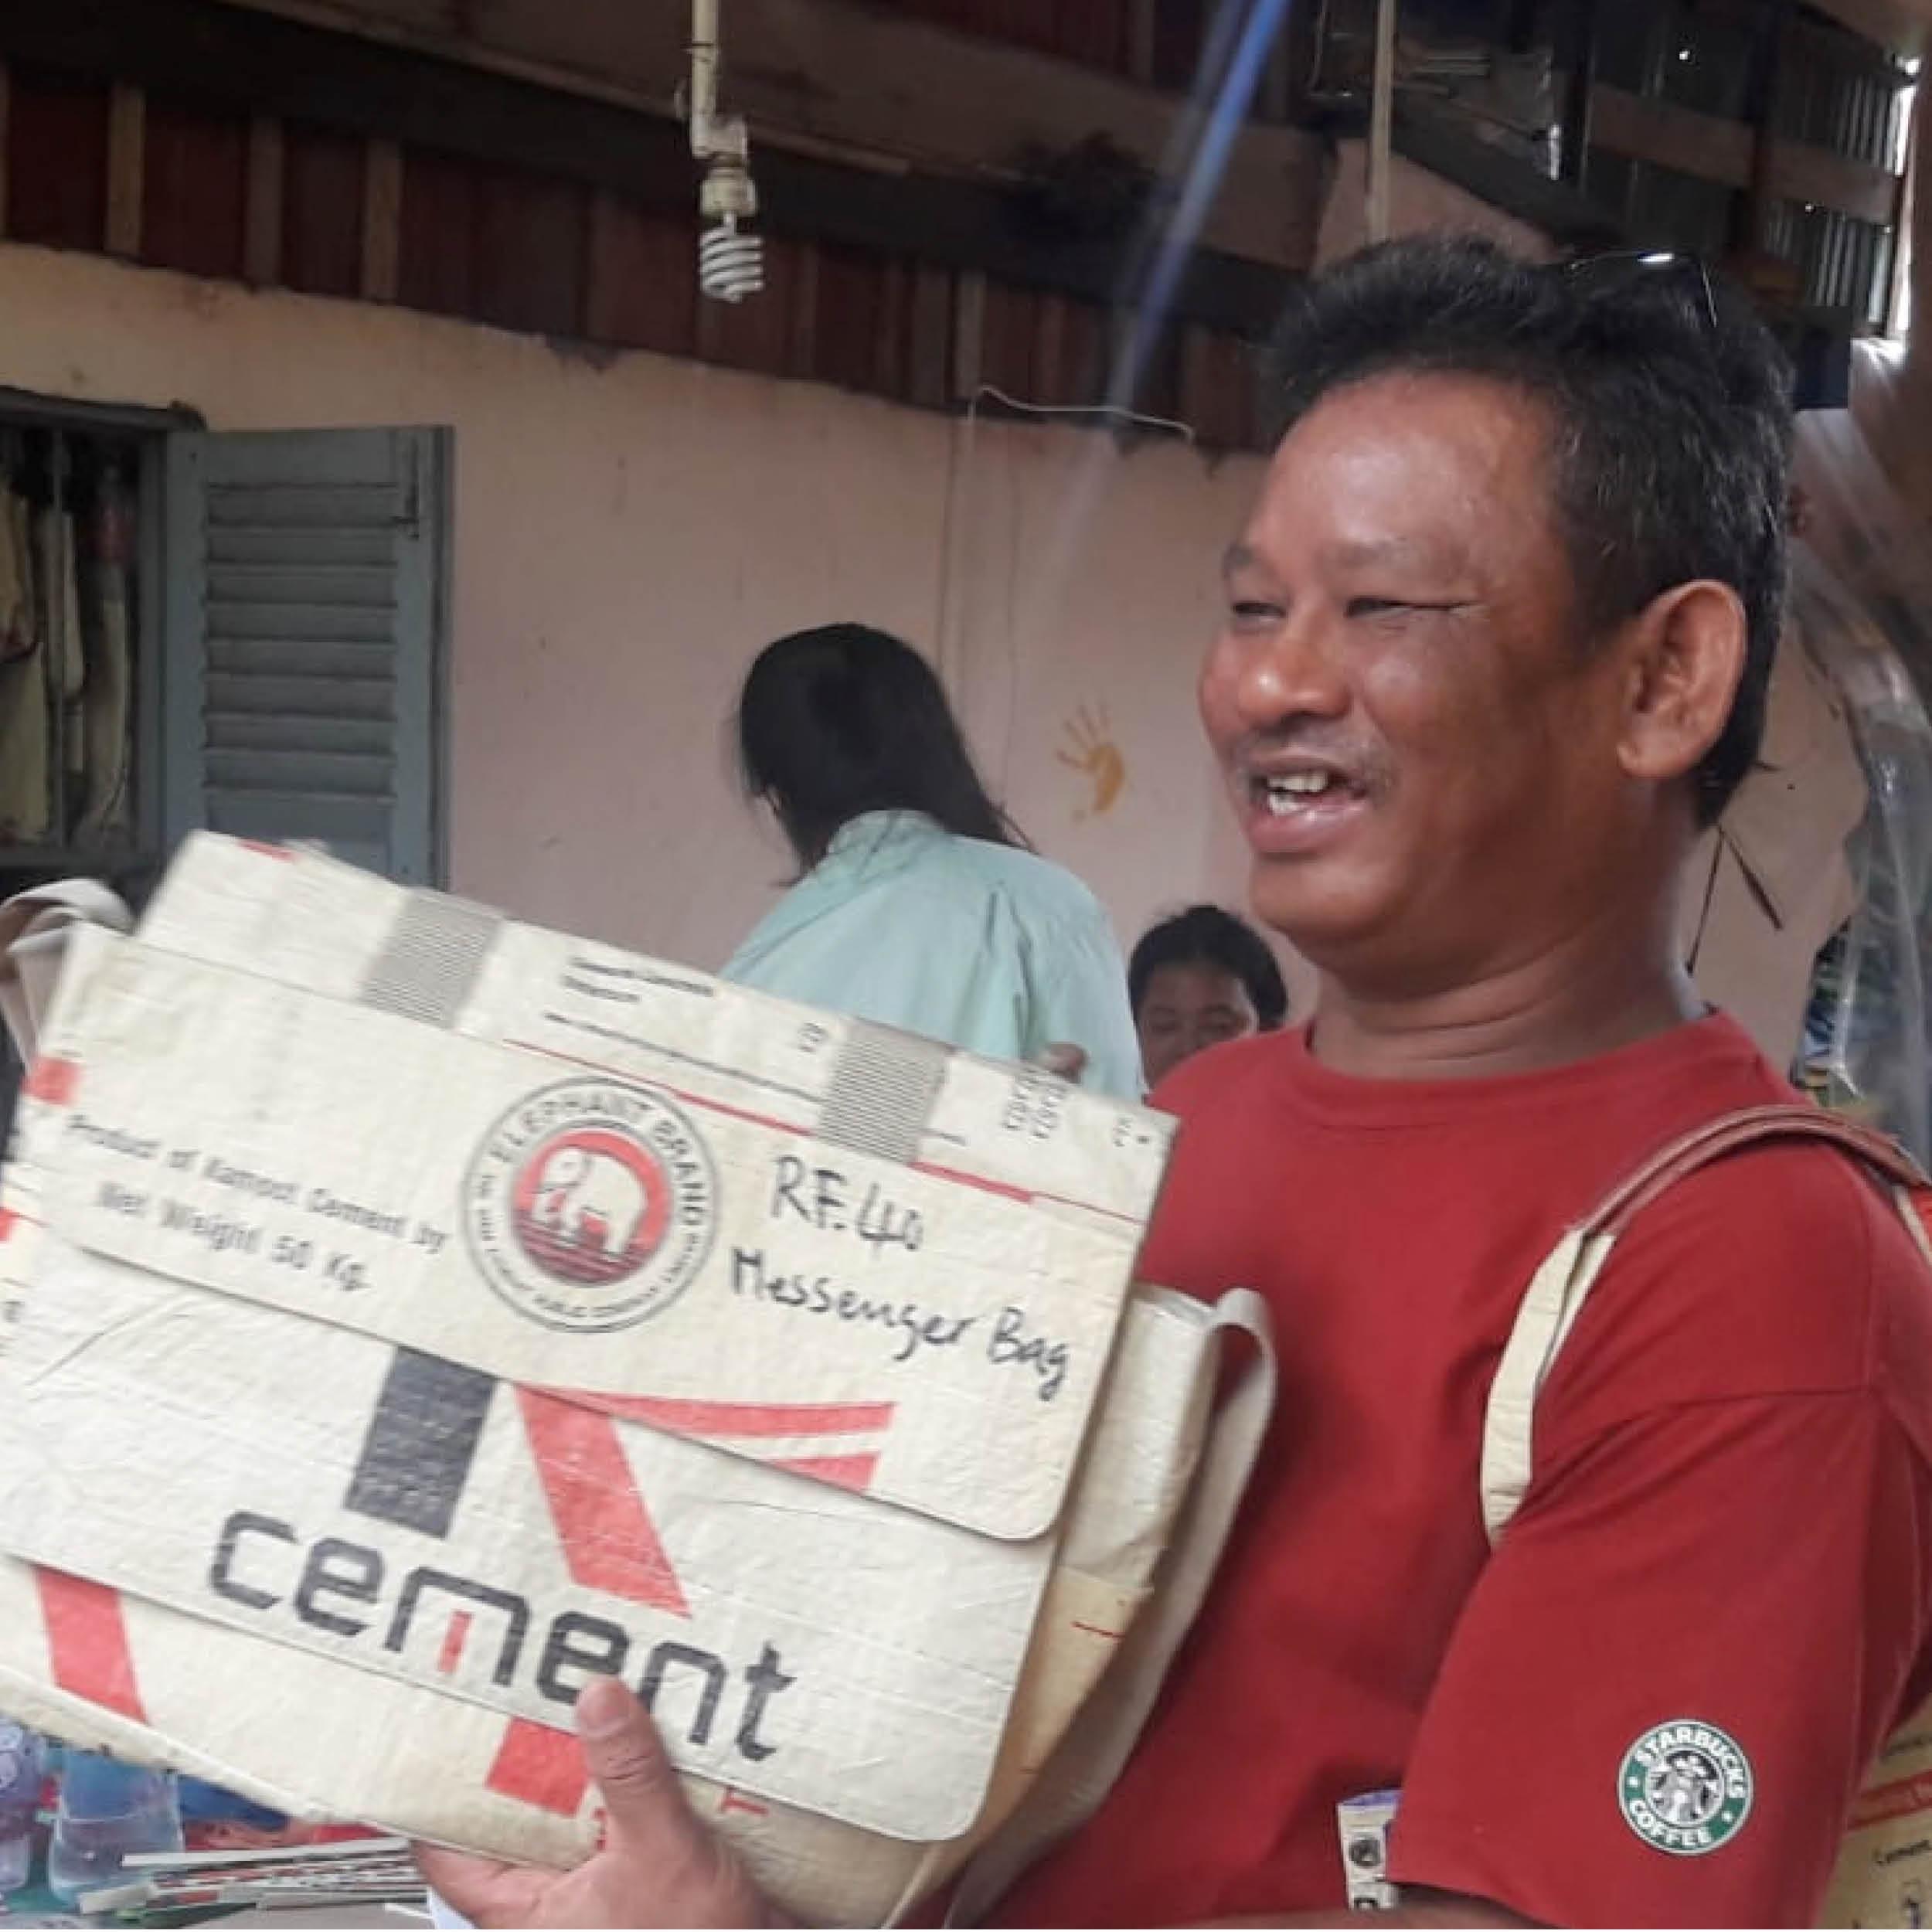 WERKSTÄTTEN-MANAGER    HERKUNFT: Phnom Penh, Kambodscha AGE: 45 ♥ COLOUR: rot   Als ich Sophan vor 5 Jahren kennen lernte, wusste ich sofort, dass man ihm vertrauen kann. Er ist ein Mann mit Verstand und einem großen Herzen. Er managed die gesamte soziale Werkstätte und ist seit ihrer Gründung vor nunmehr 23 Jahren mit dabei. Dank ihm konnte die kleine Non-Proft-Näherei, weiterbestehen, nachdem sich der Gründer vor wenigen Jahren zurückzog. Er selbst ist so wie immer noch ca. 4 % aller Kambodschaner ein Versehrter aufgrund von Landminen aus dem Khmer Rough Krieg. Er lebt dafür, dass Menschen mit ähnlichem Schicksal bei ihm eine gute Ausbildung erhalten und einen Job ausüben können, der sie und ihre zumeist sehr große Familie ernähren kann, aber auch dafür, dass sich diese Menschen in die normale Gesellschaft einfügen können.  Ich schätze ihn sehr, nicht nur weil er ein wunderbarer Mensch ist, sondern auch weil er ein echter Problemlöser ist und ein Partner, auf den ich mich seit Jahren verlassen kann!